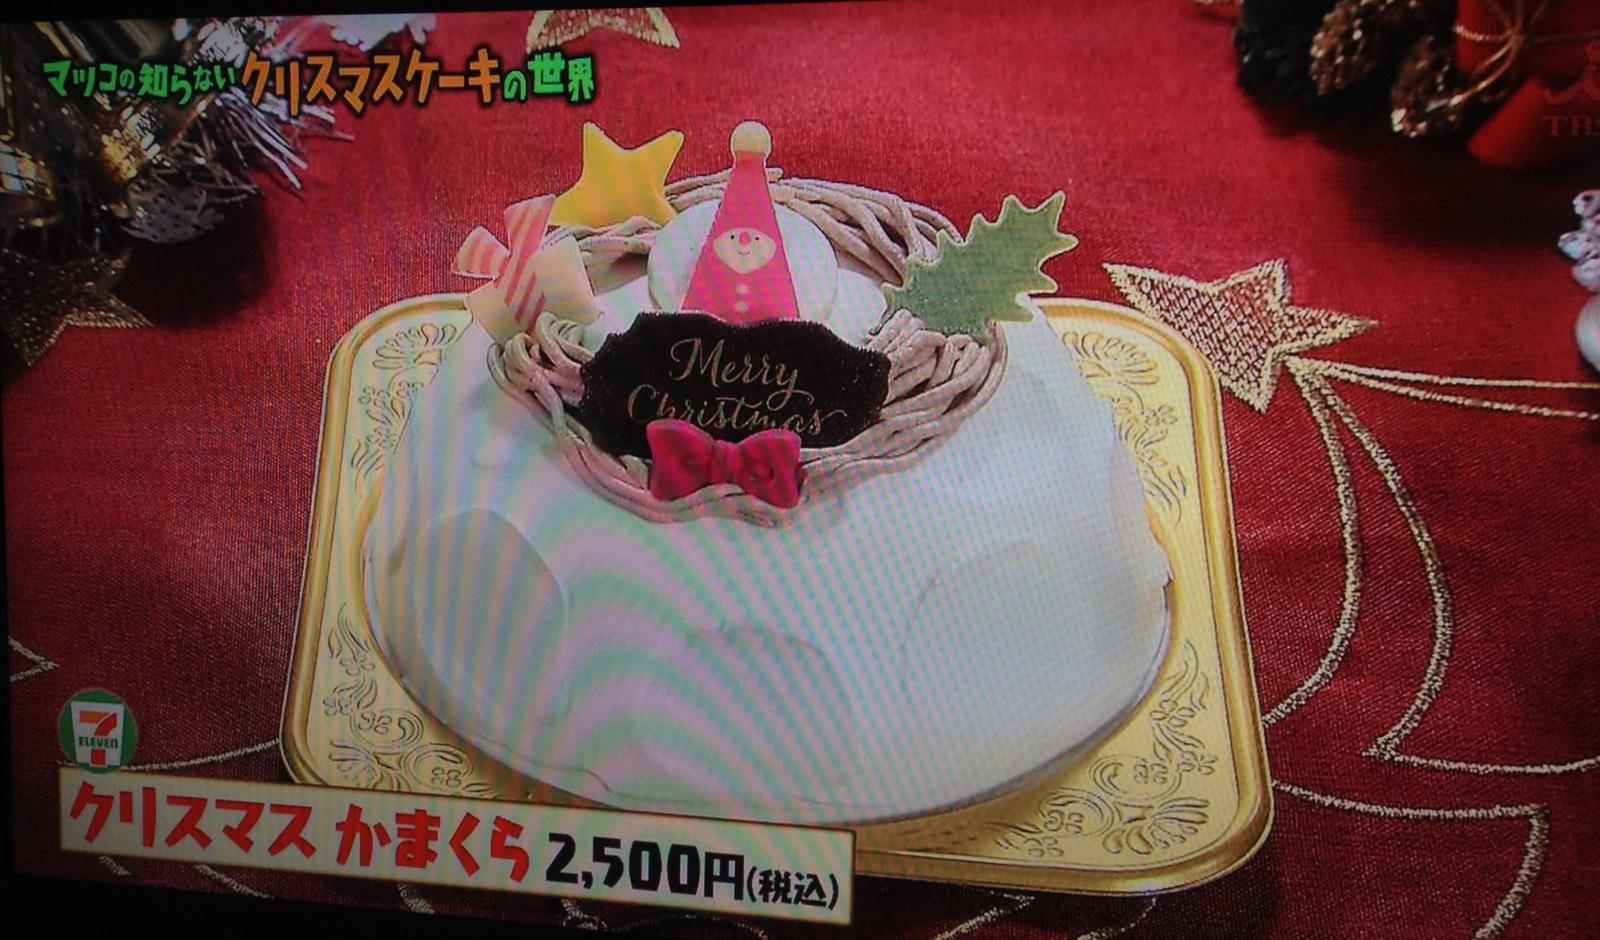 マツコデラックス×クリスマスケーキの世界×平岩理緒×セブンイレブン×コンビニ×クリスマスかまくら